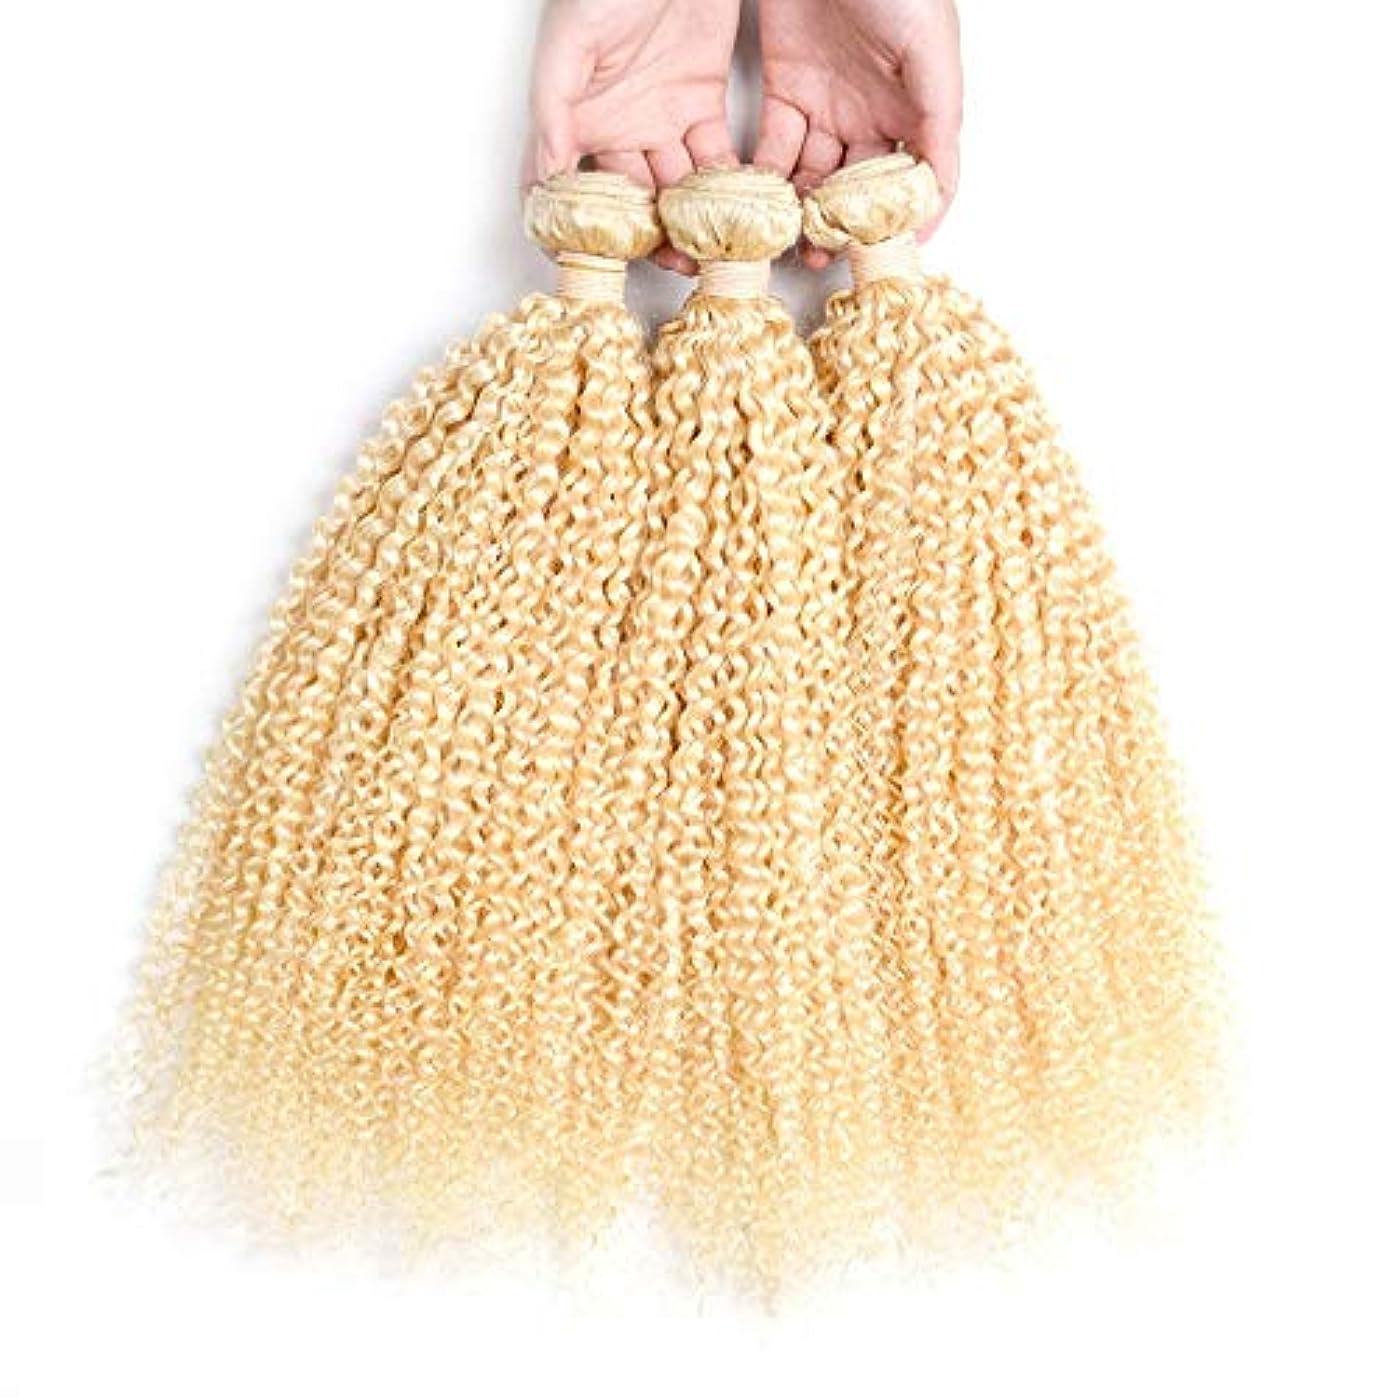 食用スクラブ概要HOHYLLYA ブロンドの人間の髪織りバンドル本物の変態カーリーヘアエクステンション横糸 - #613ブロンドの髪(1バンドル、10-26インチ、100g)ブロンドのかつら (色 : Blonde, サイズ : 10...